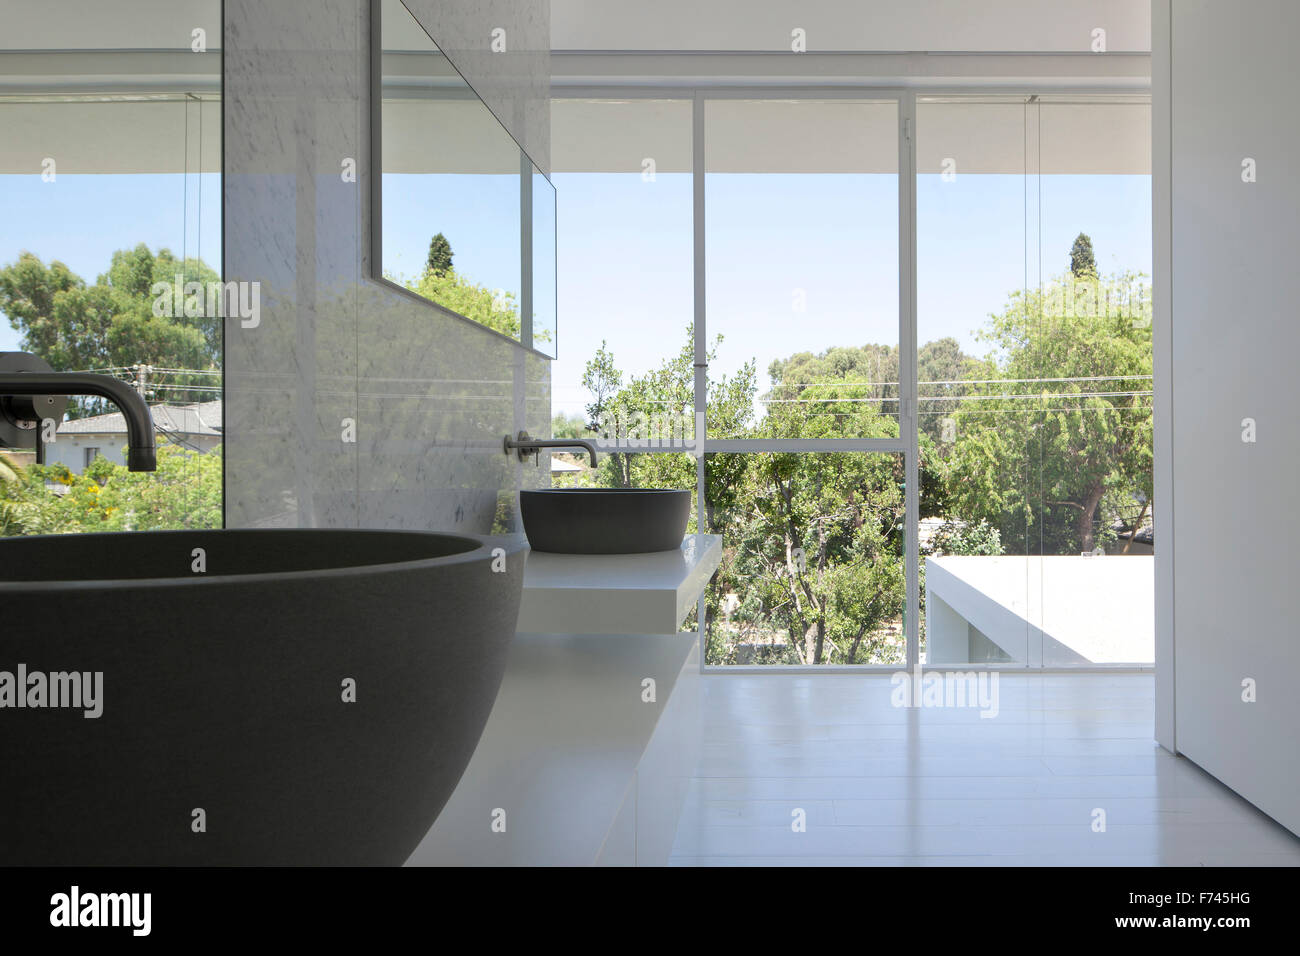 Deux vasques à fenêtre dans la maison blanche moderne, Israël, Moyen ...